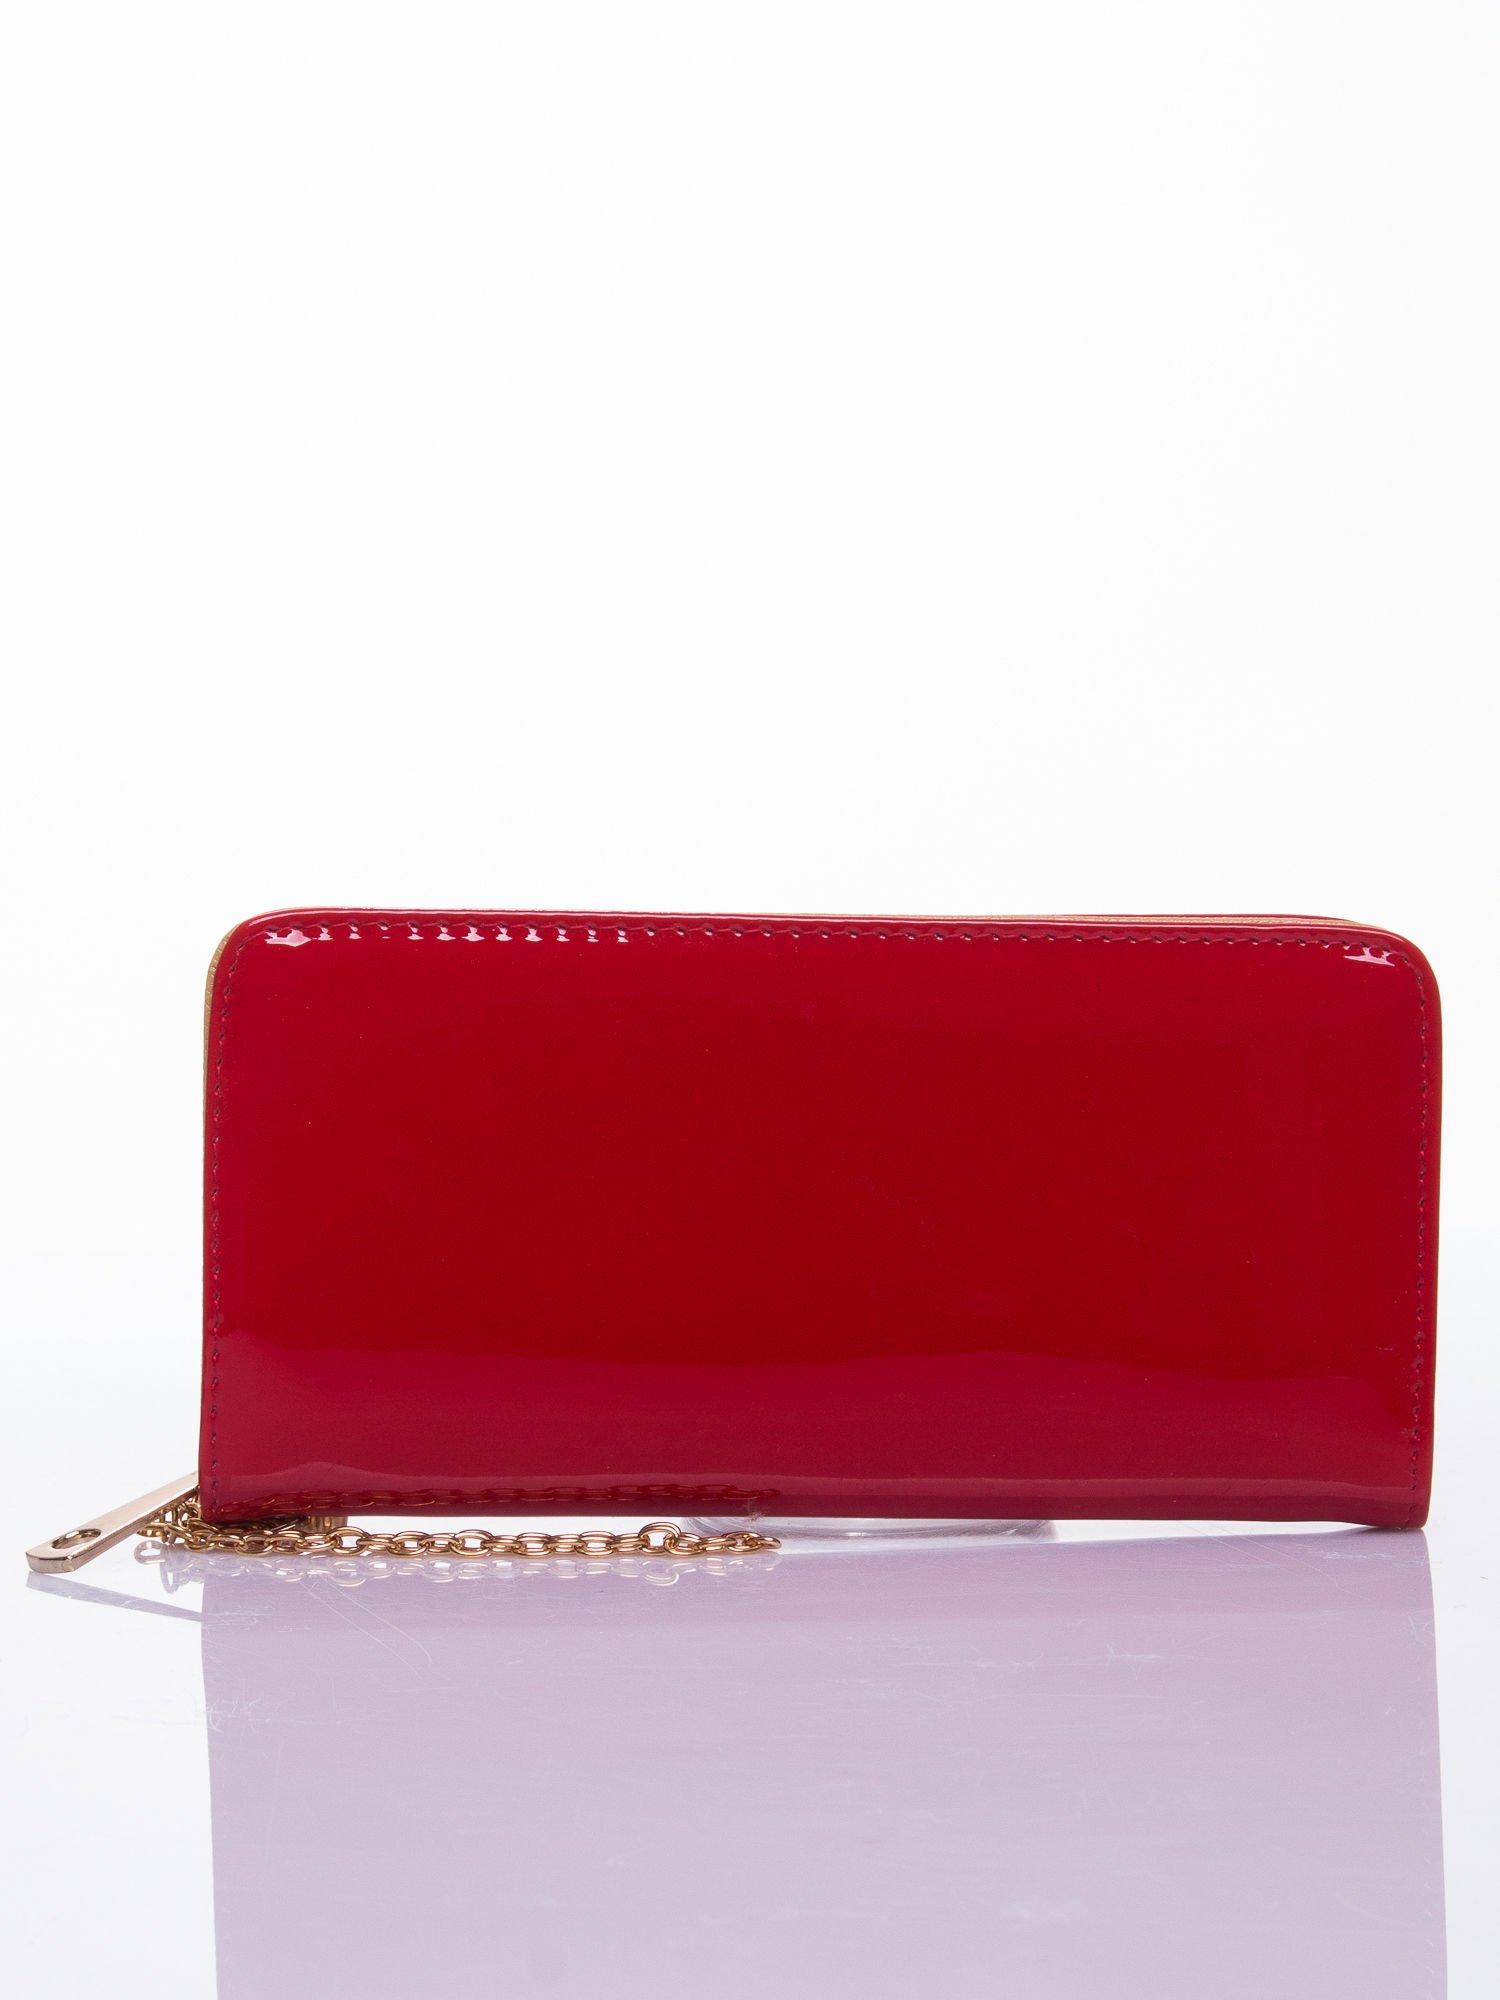 Czerwony lakierowany portfel z odpinanym złotym łańcuszkiem                                  zdj.                                  3